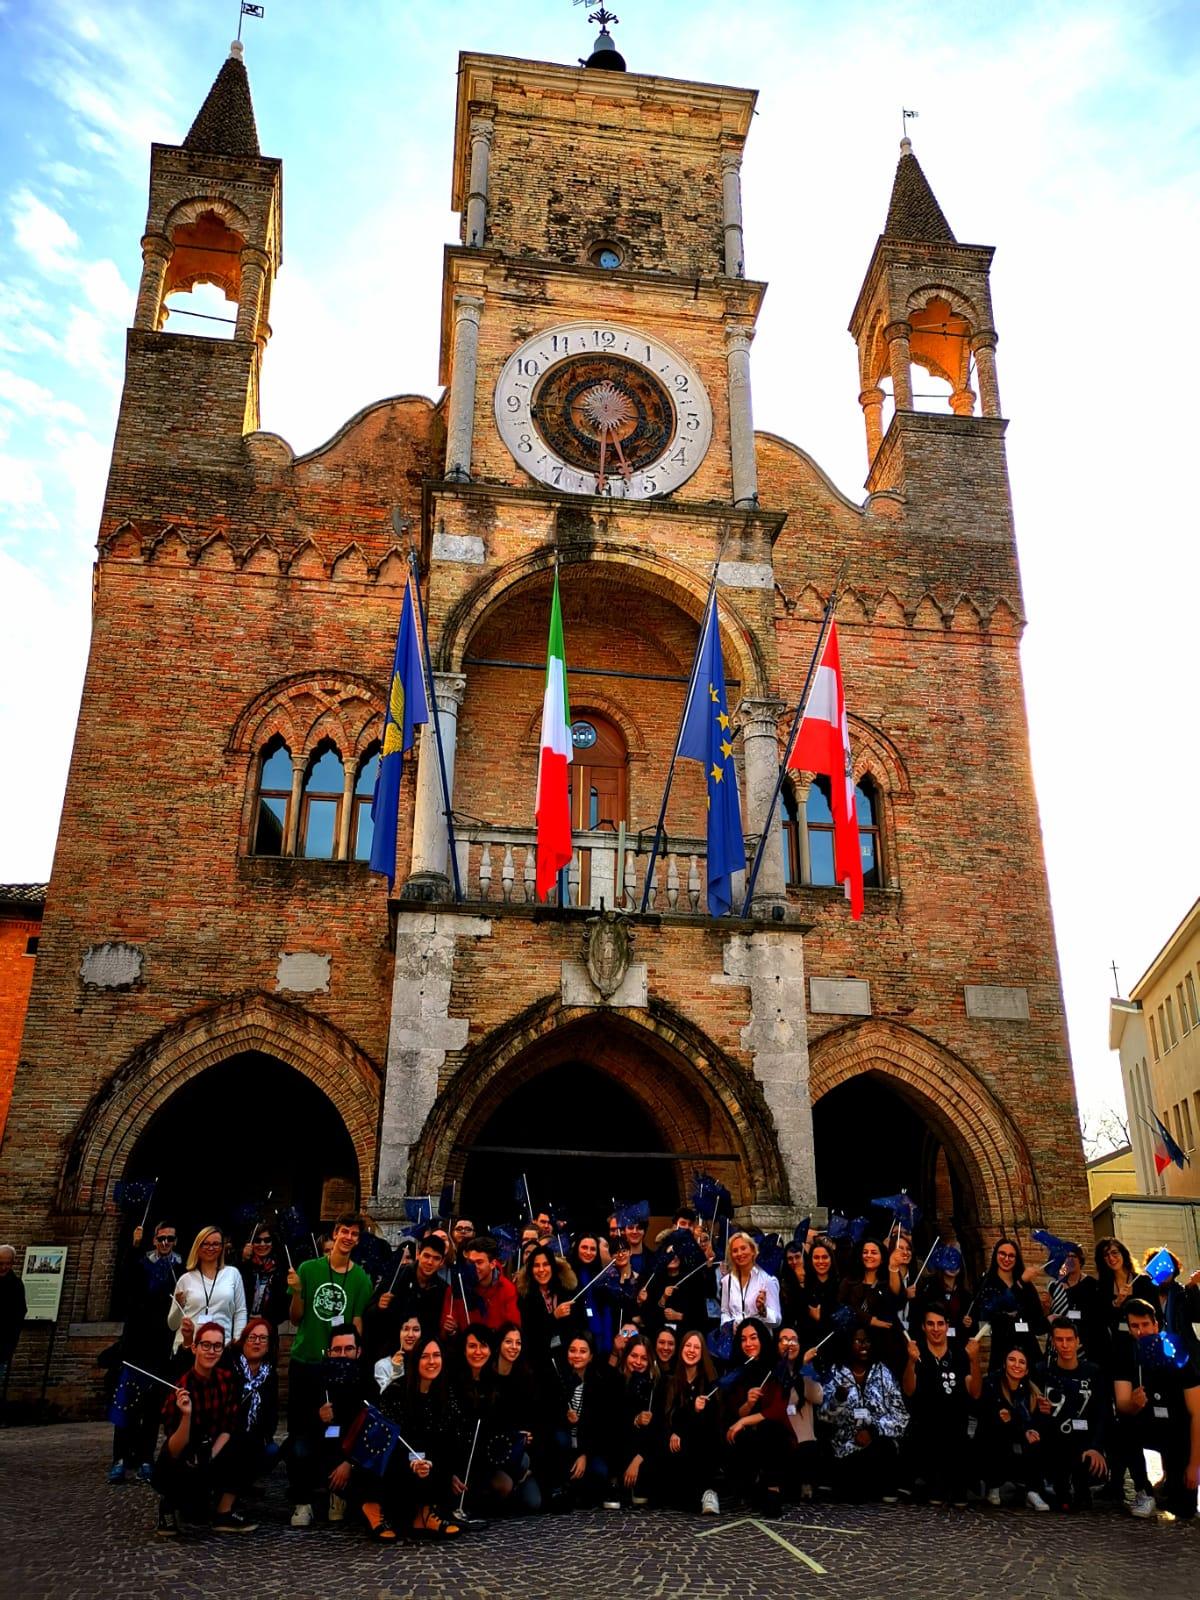 Srednjoskolci Iz Herceg Novog Na Omladinskom Festivalu U Italiji